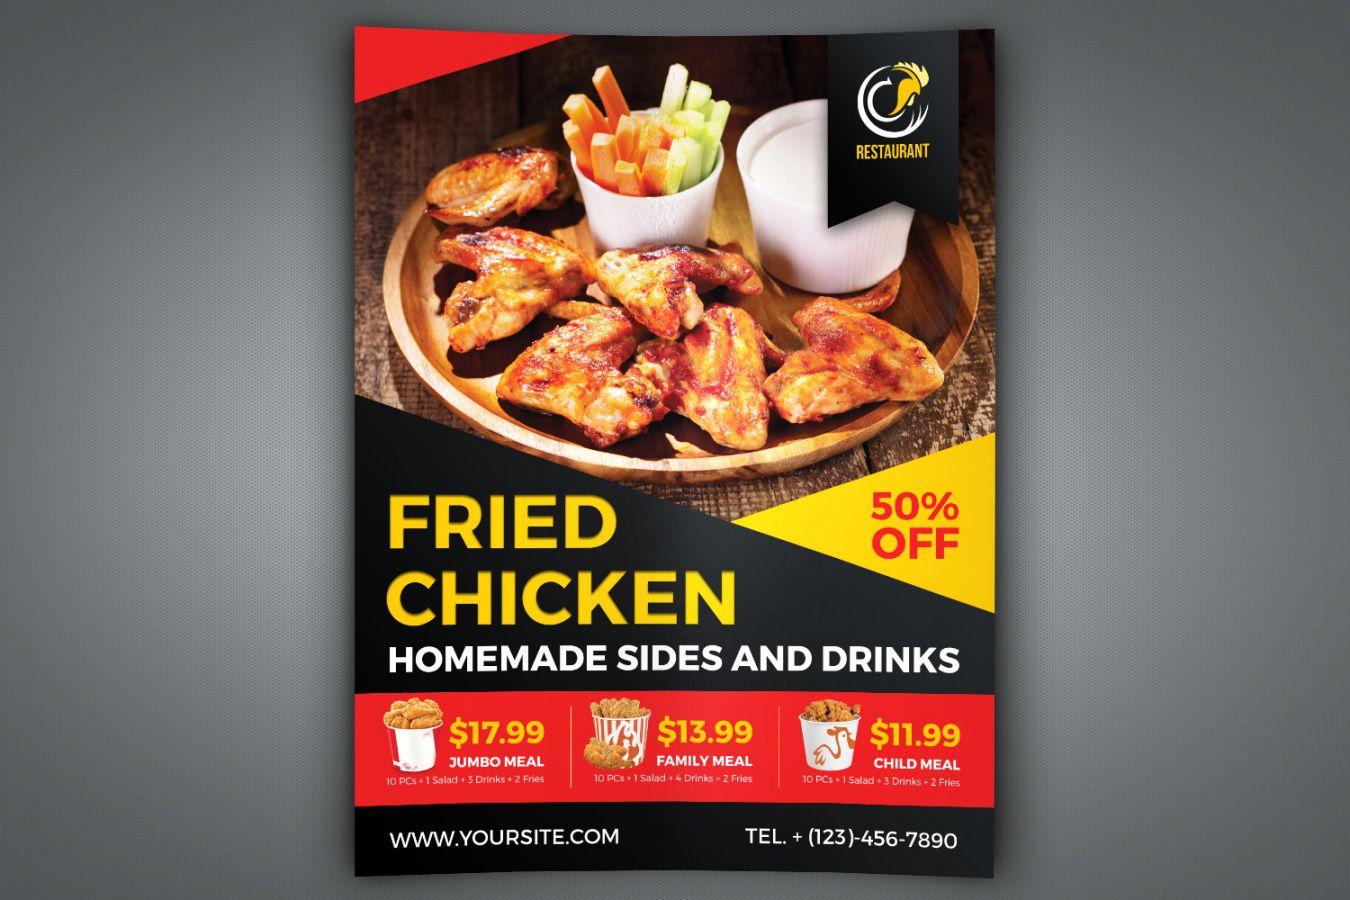 free fried chicken restaurant flyer template new restaurant flyer template